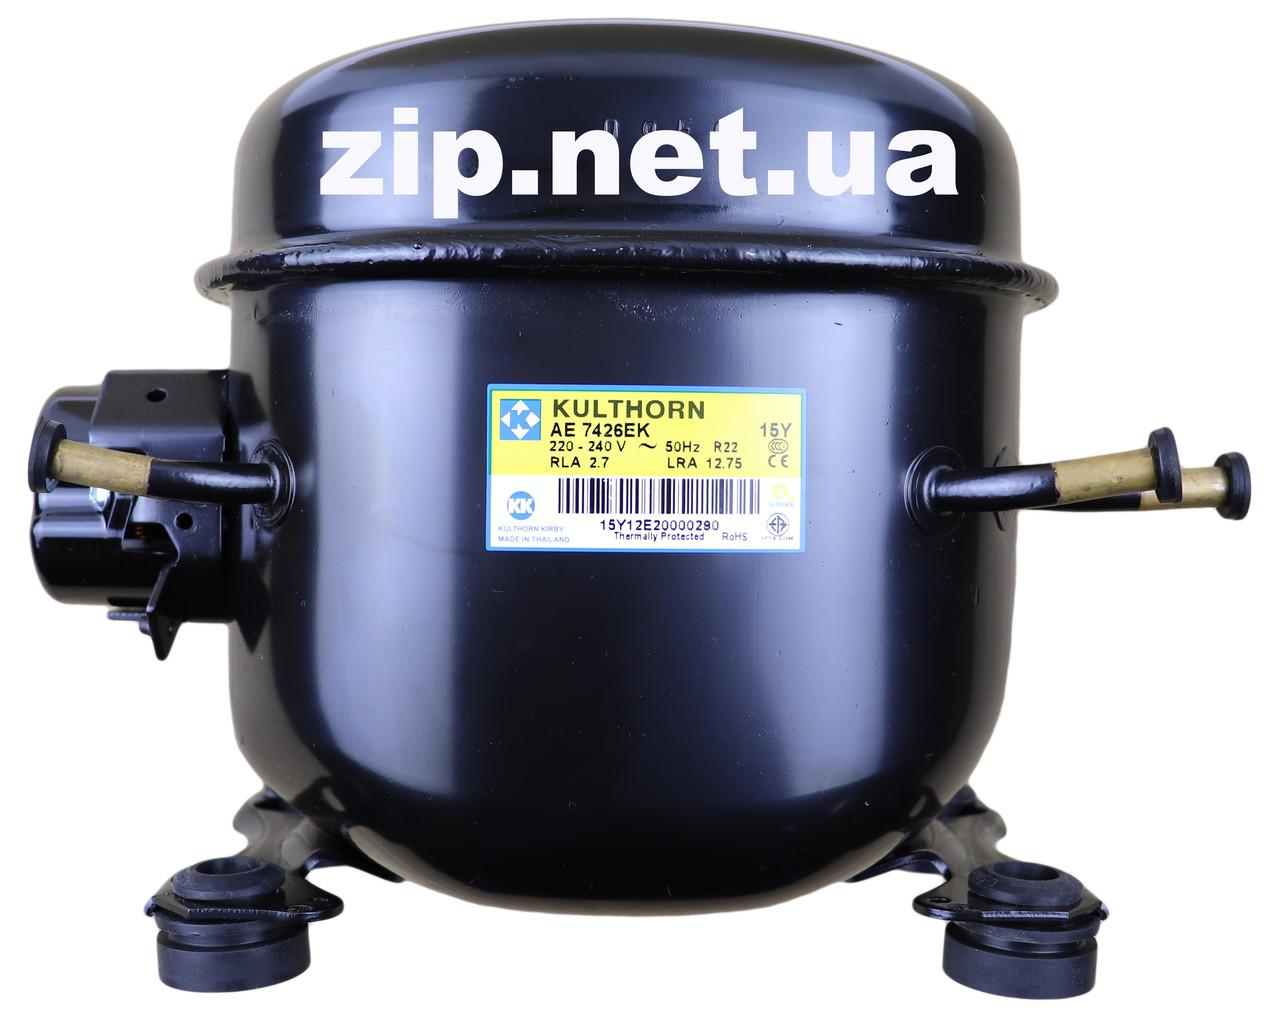 Компрессор AE 7426 EK R-22 (410 w) для холодильника